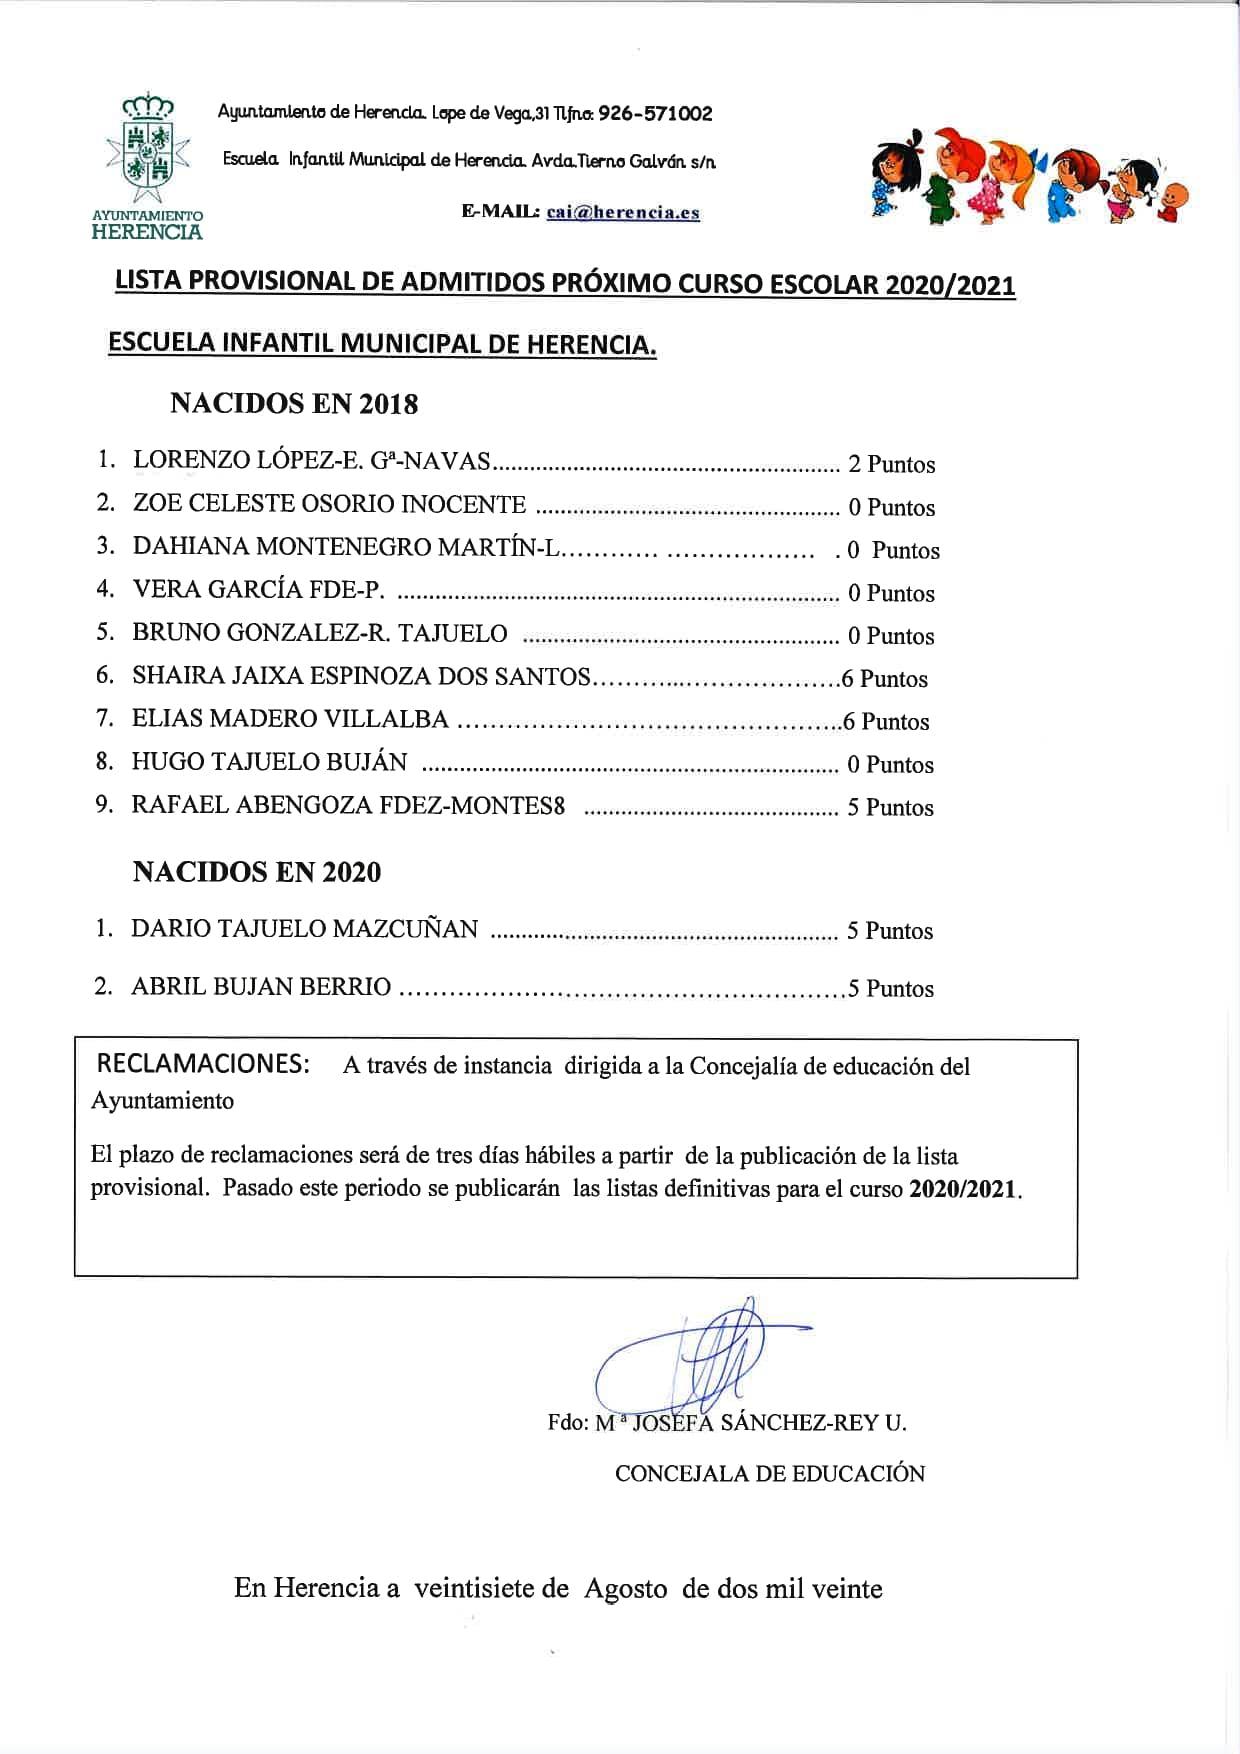 La Escuela Infantil Municipal publica la lista provisional de admitidos para el próximo curso 6